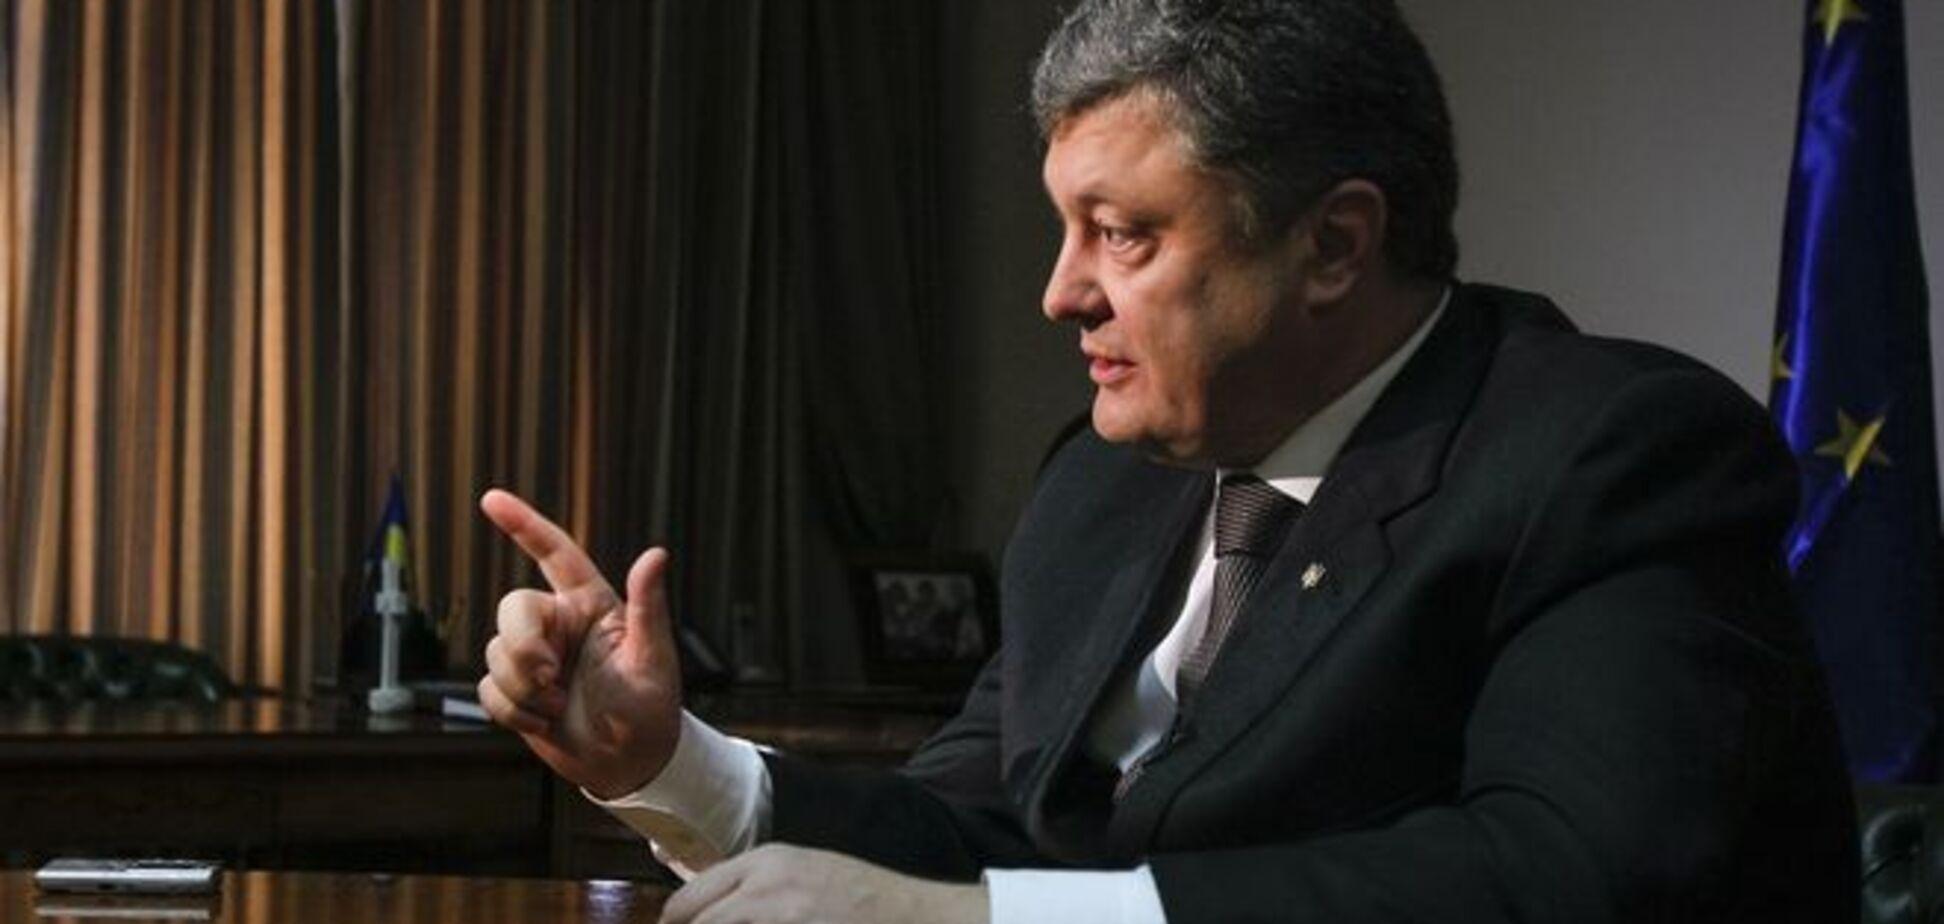 Порошенко: освобождение Савченко - один из пунктов Минских соглашений